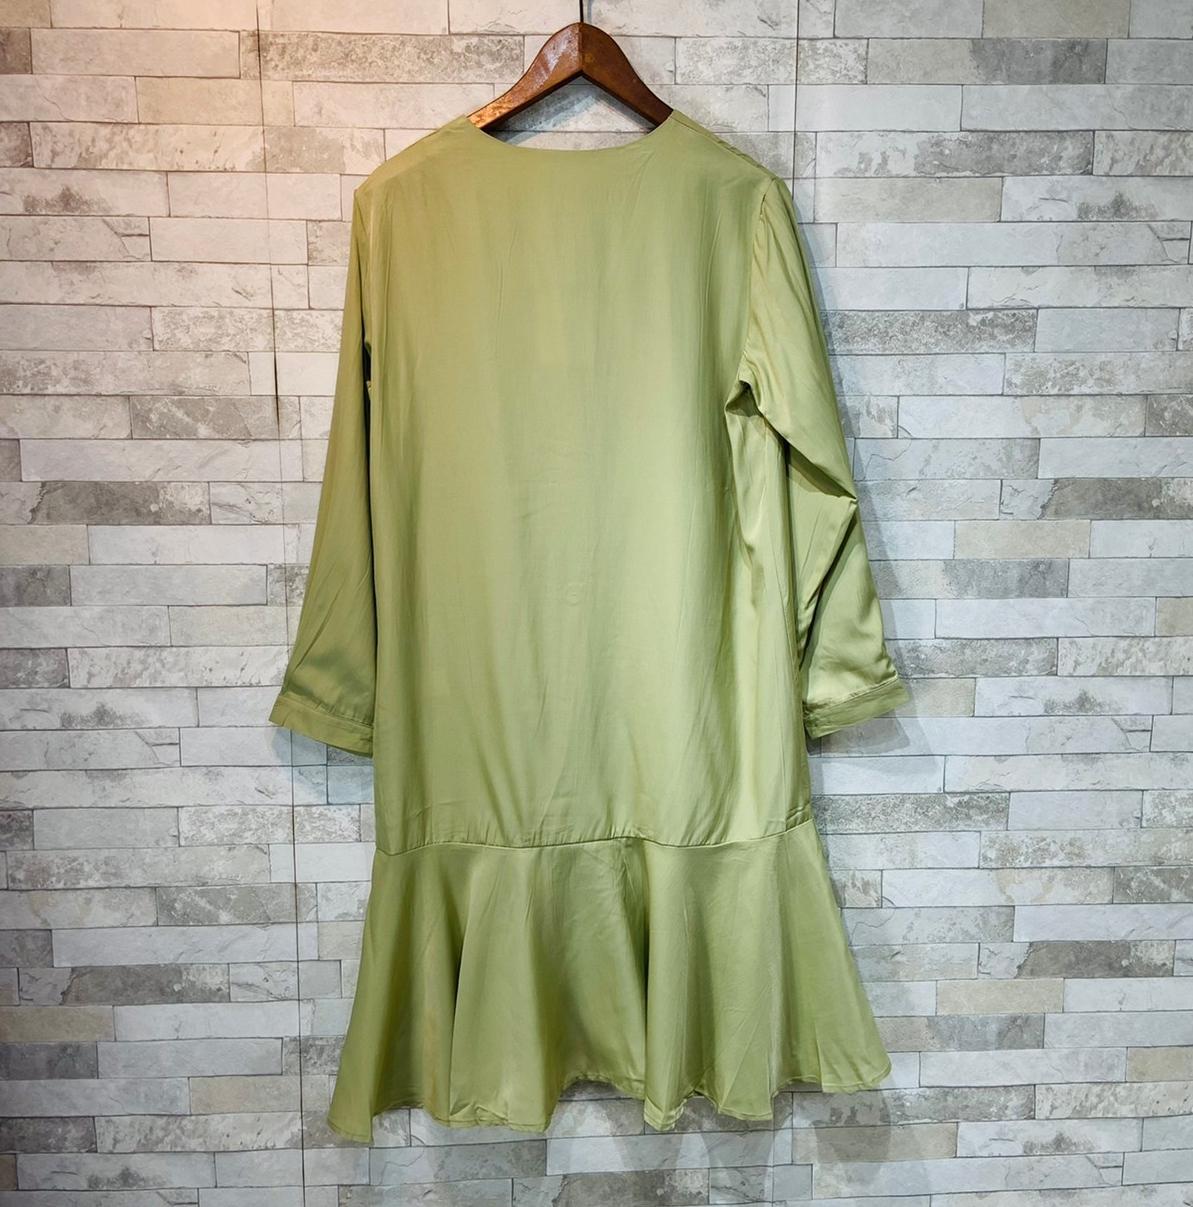 韓国 ファッション ワンピース 春 夏 カジュアル PTXJ828  シアー ノーカラー オーバーサイズ マーメイド オルチャン シンプル 定番 セレカジの写真6枚目